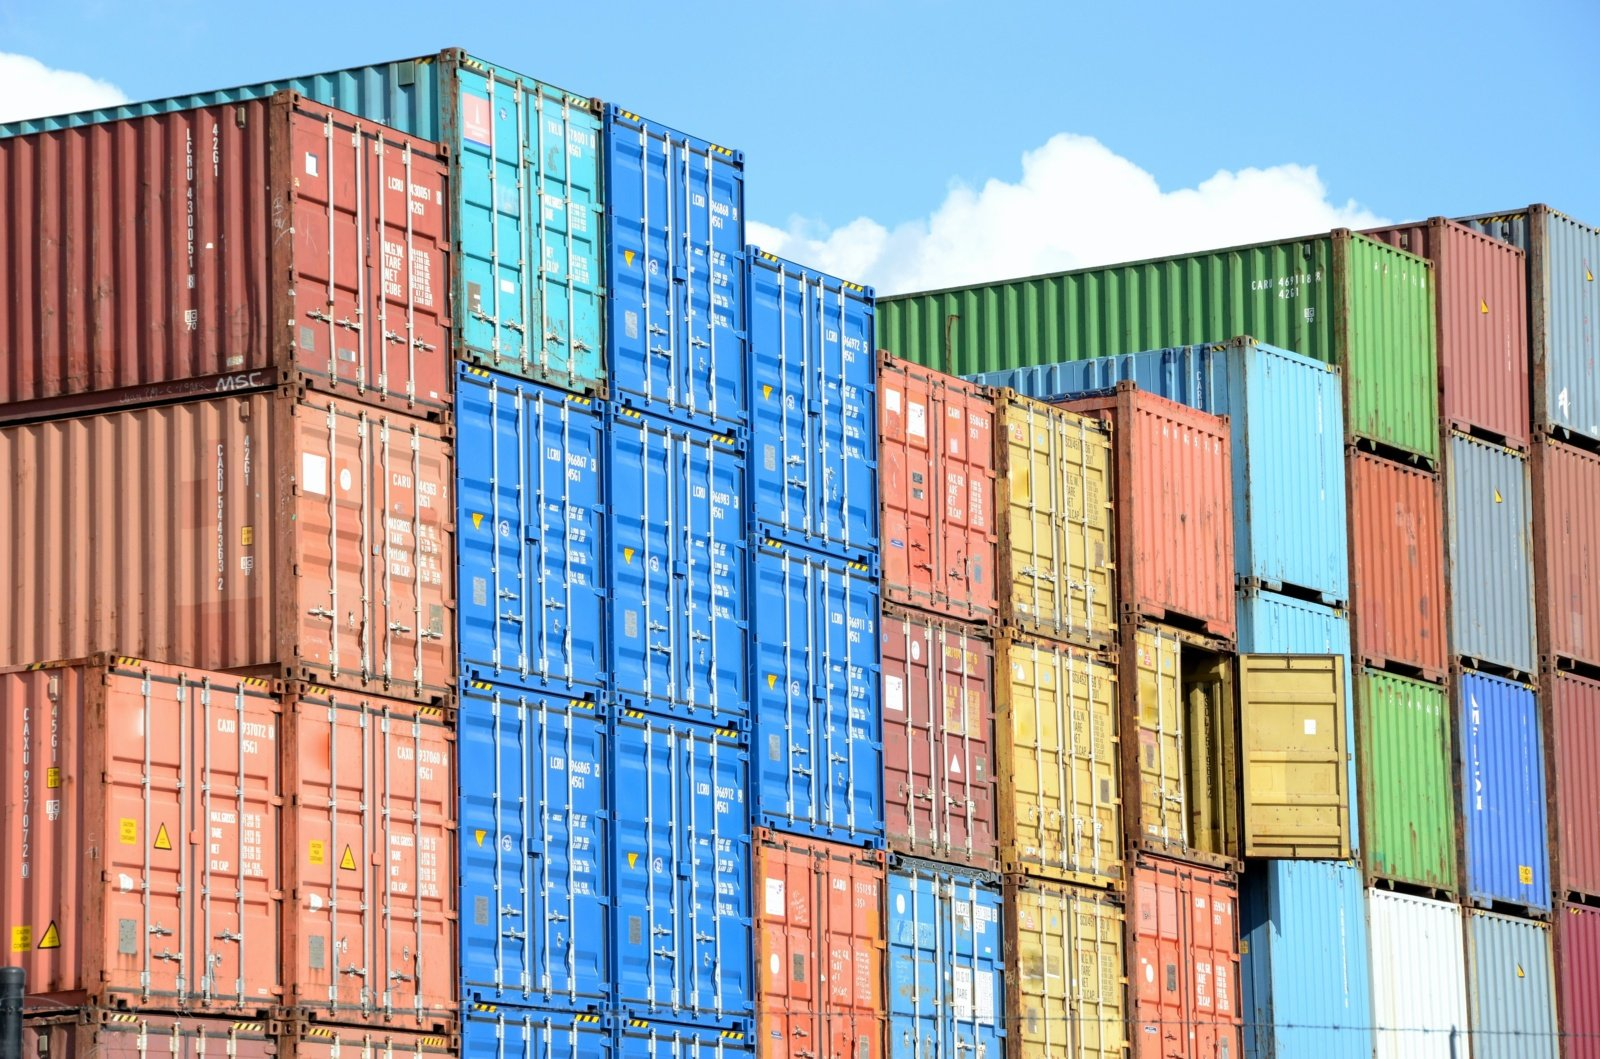 Per metus eksportas padidėjo 16,2 procento